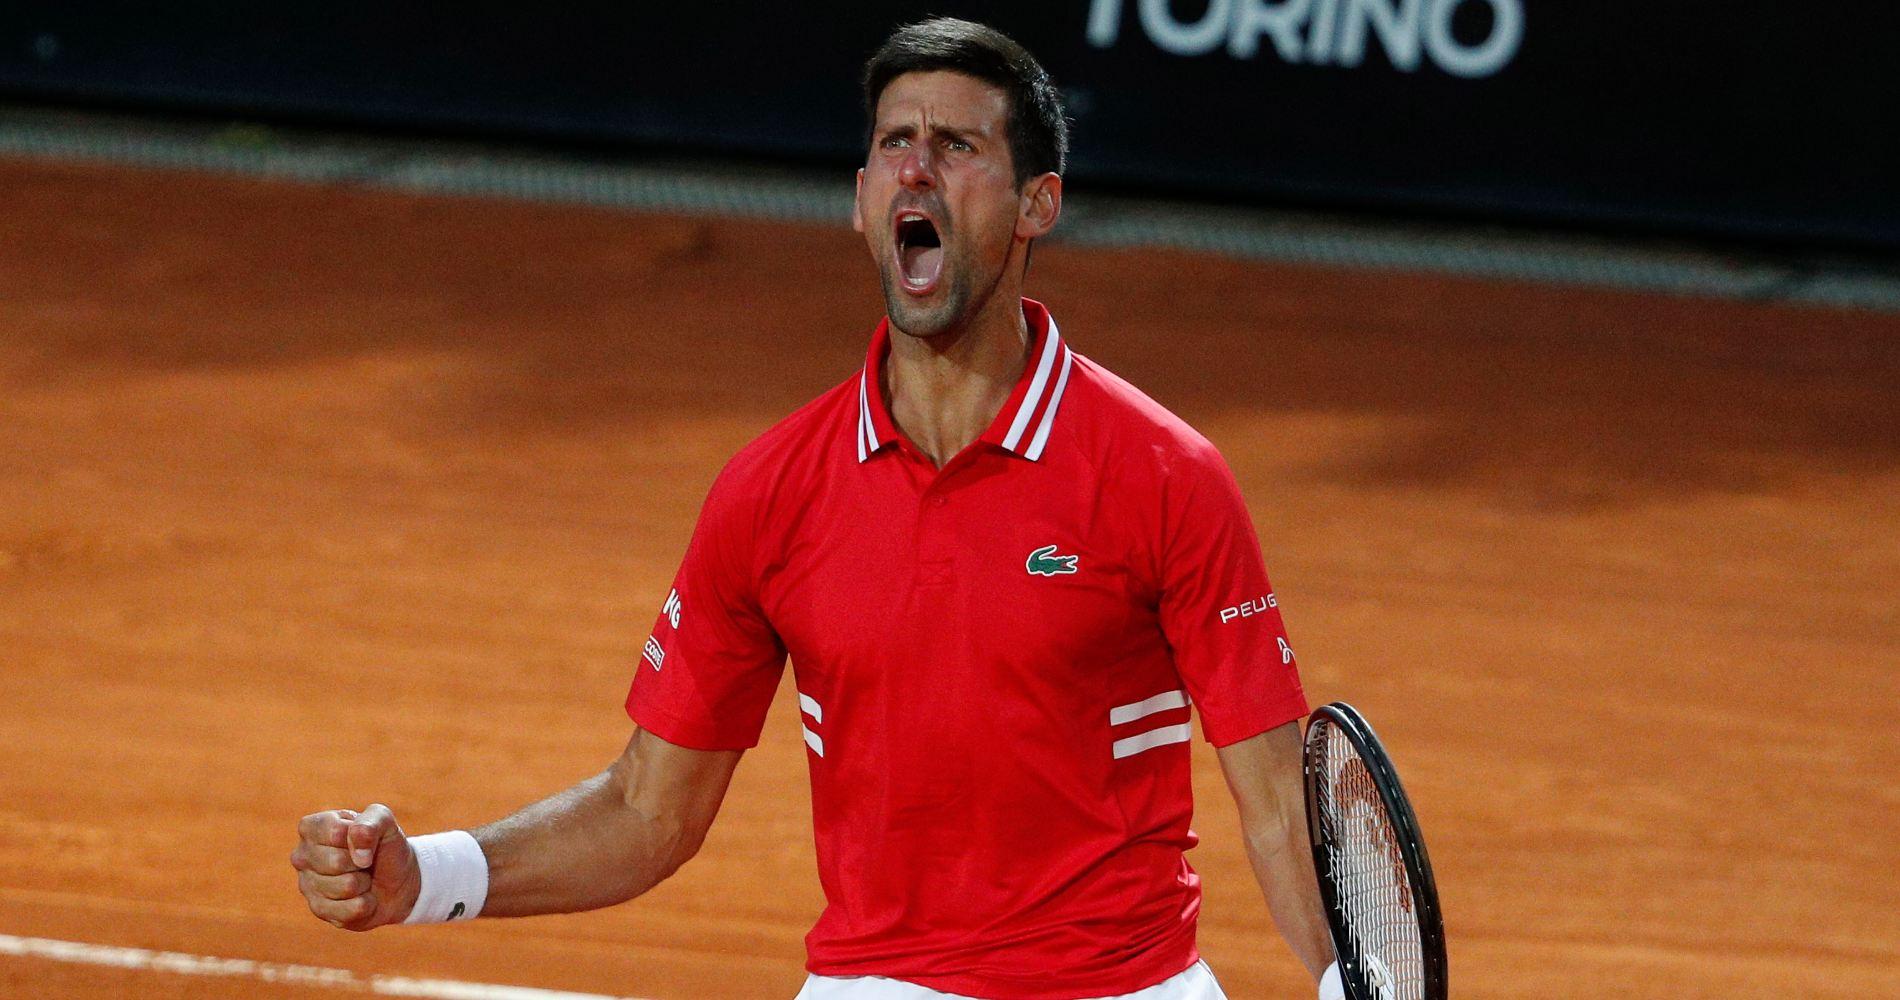 Novak Djokovic at Rome in 2021